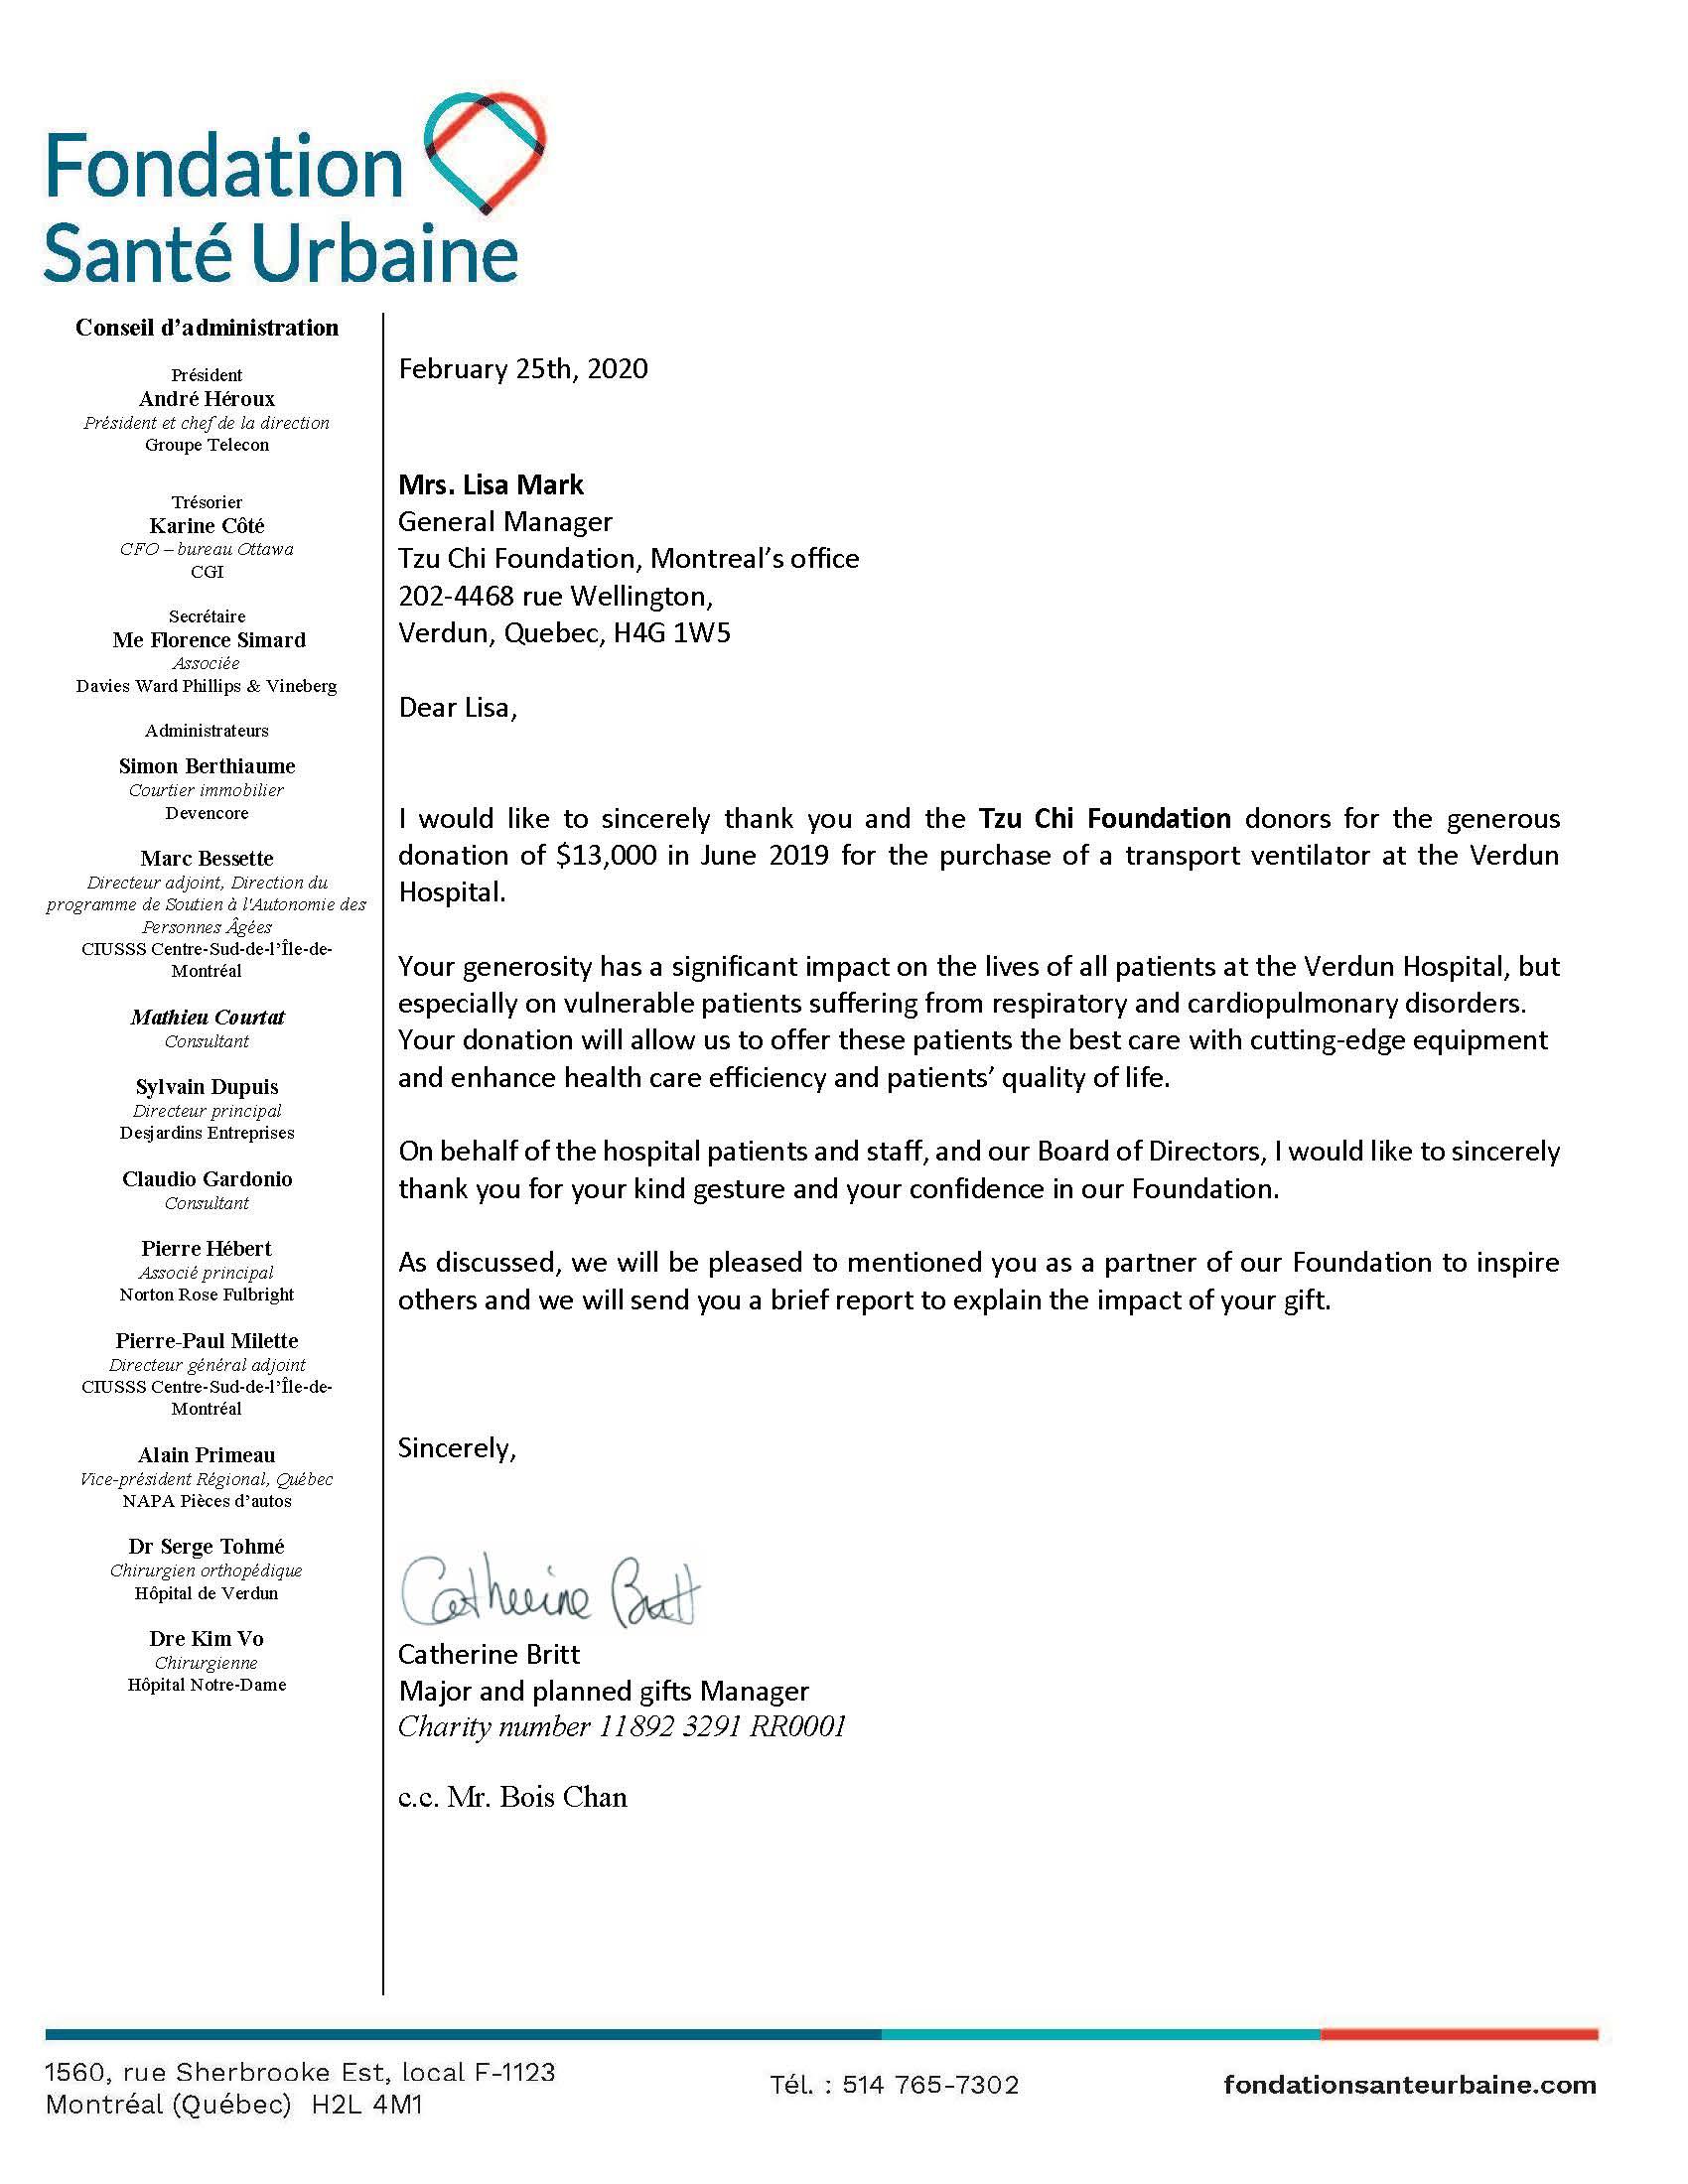 Fondation Santé Urbaine_thank you letter_feb.2020